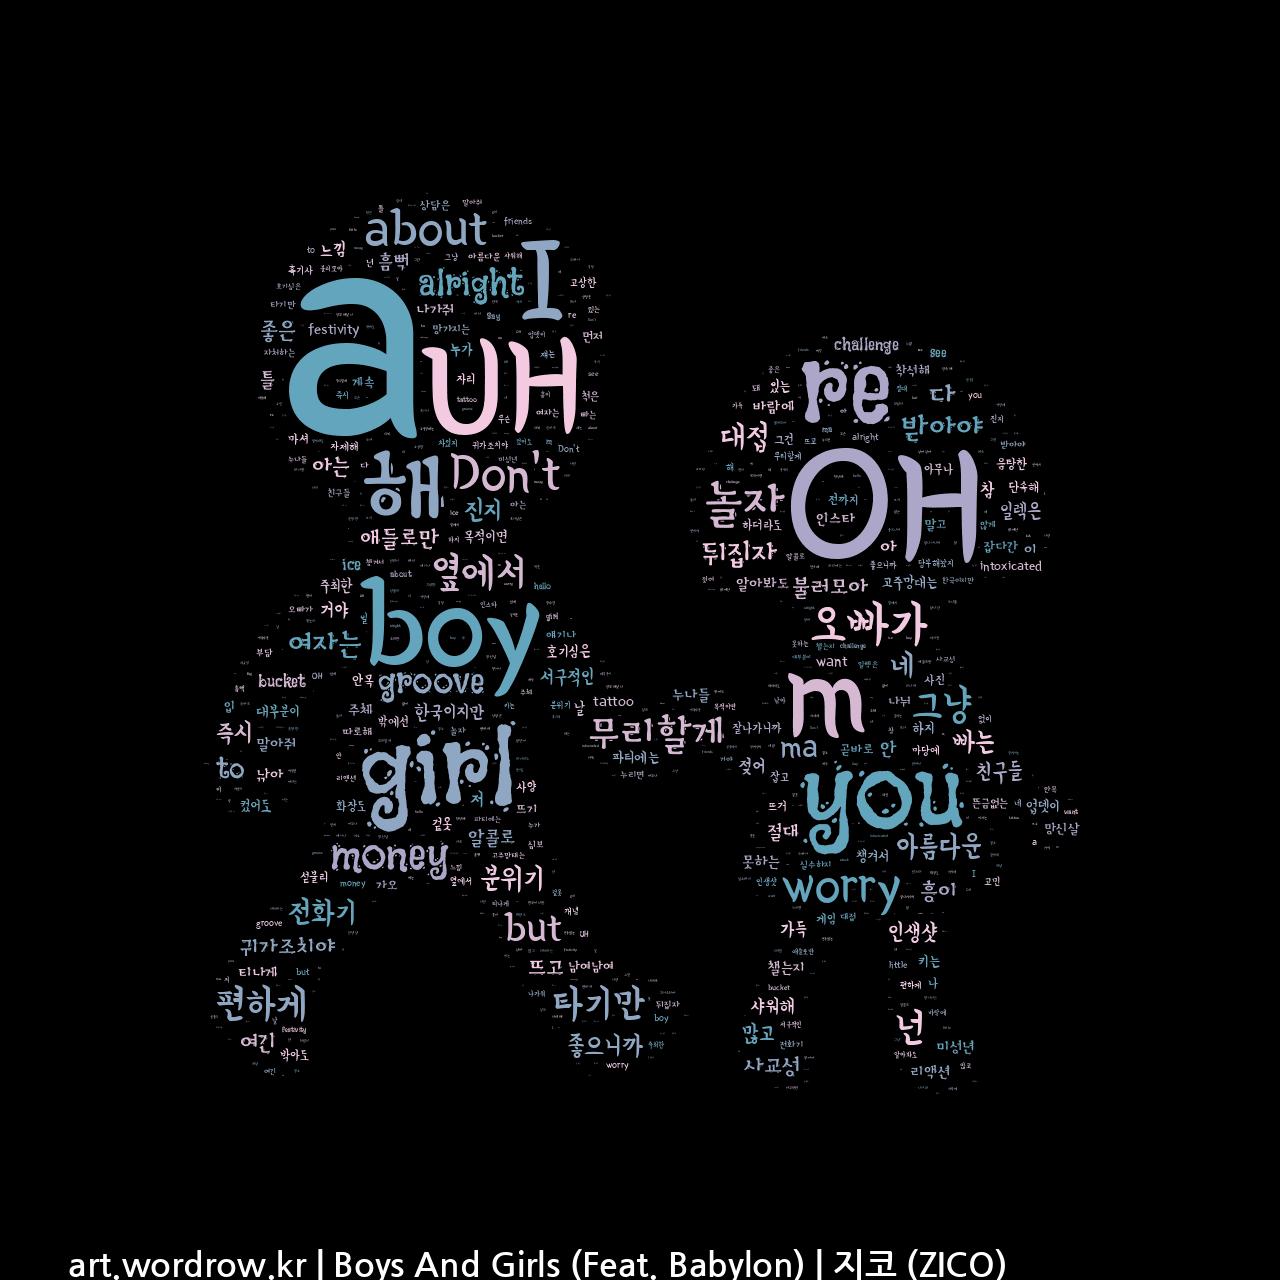 워드 클라우드: Boys And Girls (Feat. Babylon) [지코 (ZICO)]-72